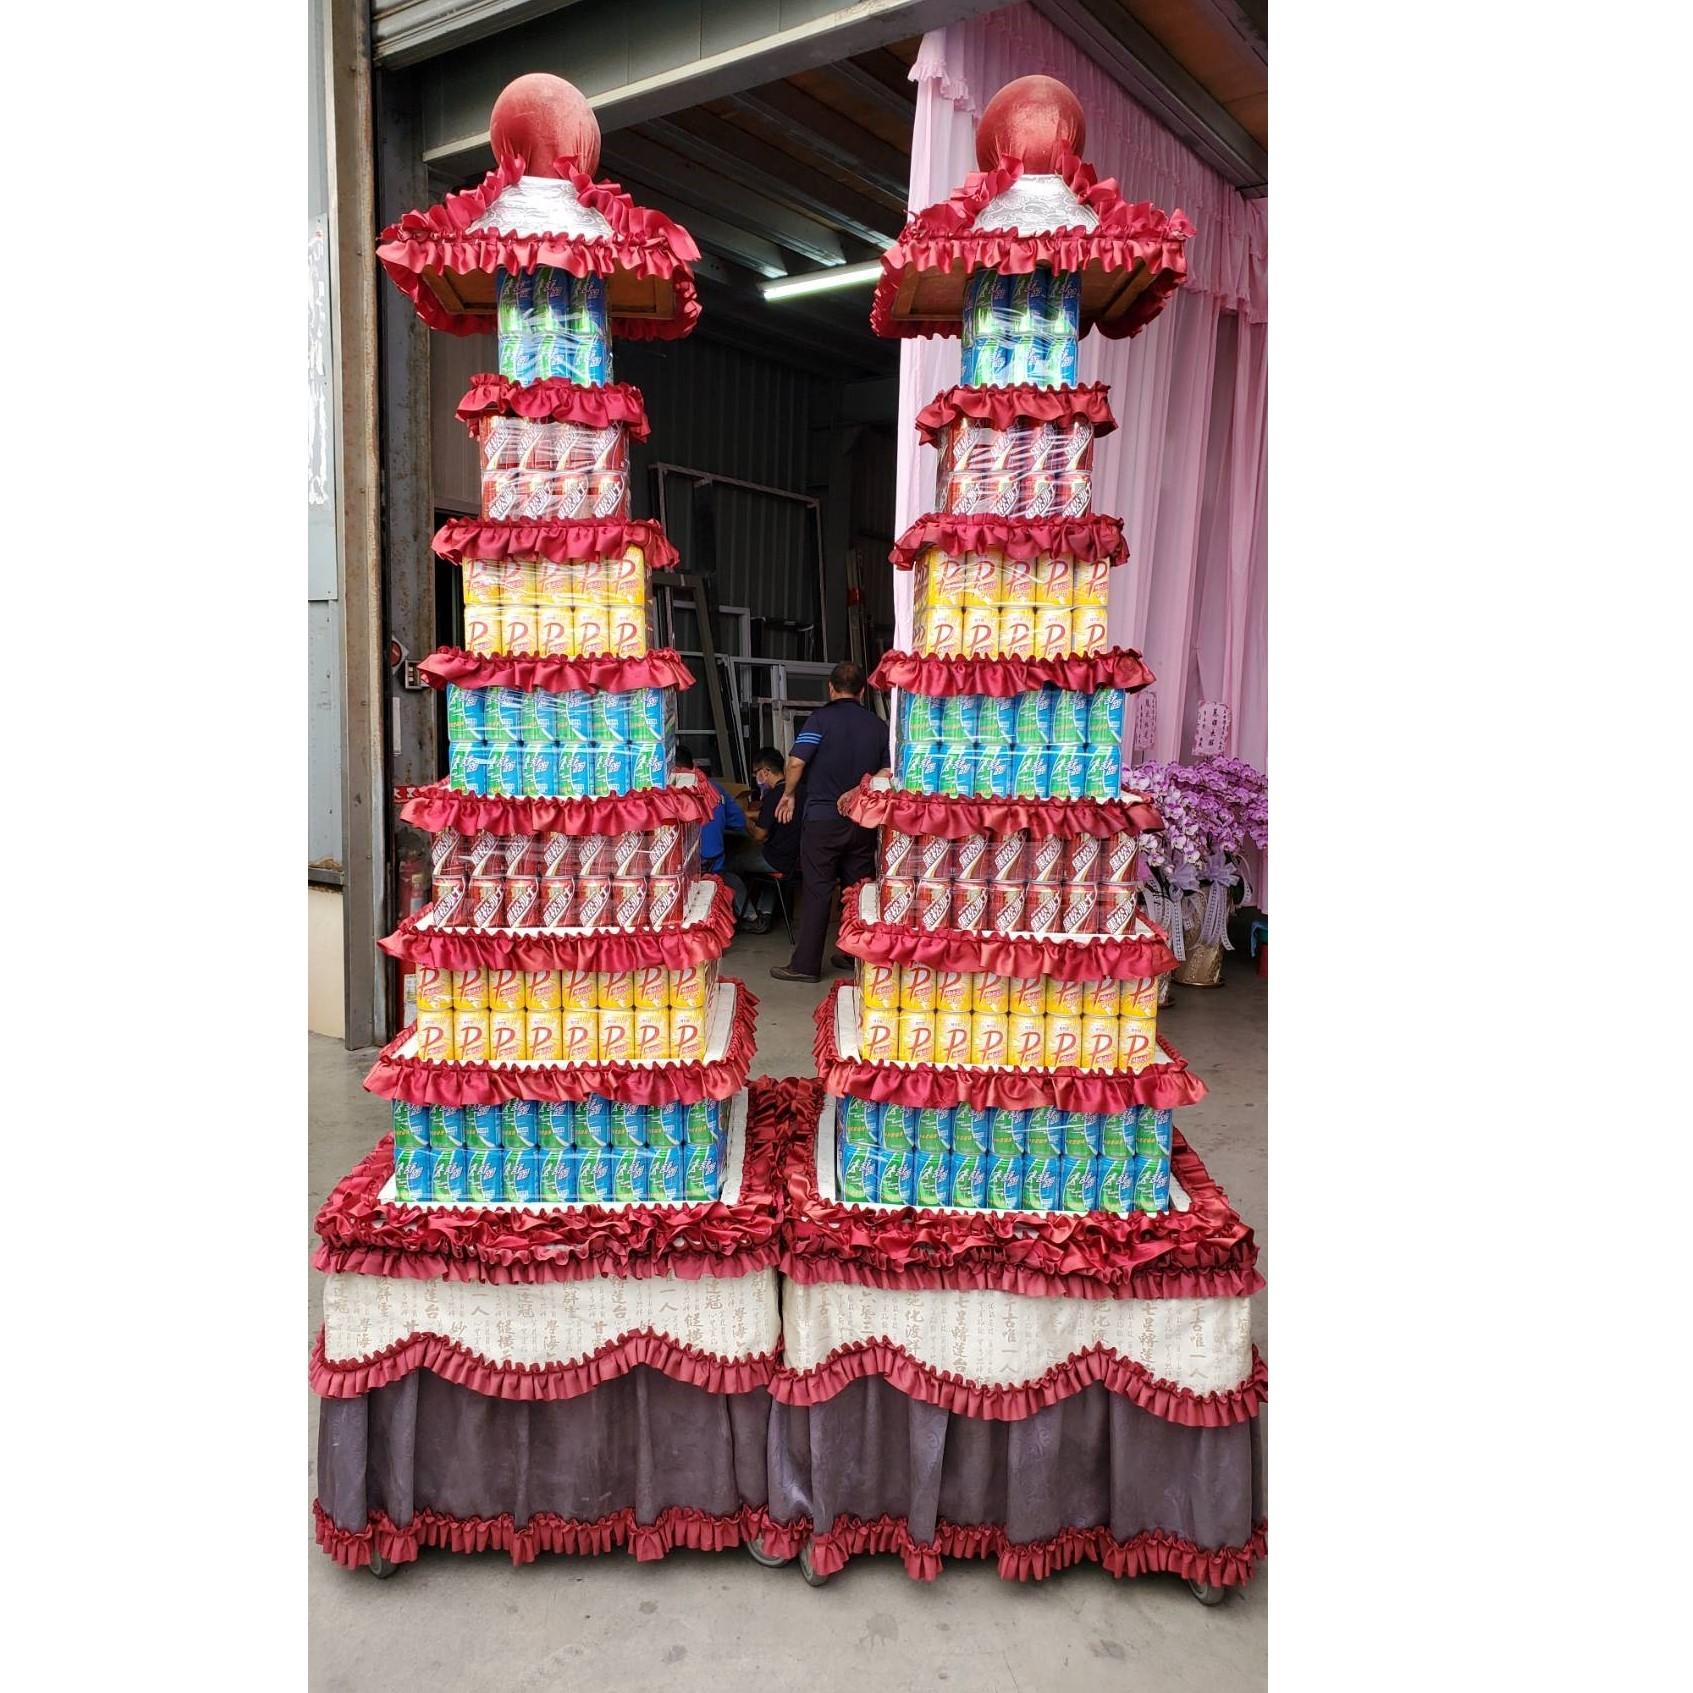 7層大品牌560罐罐頭塔